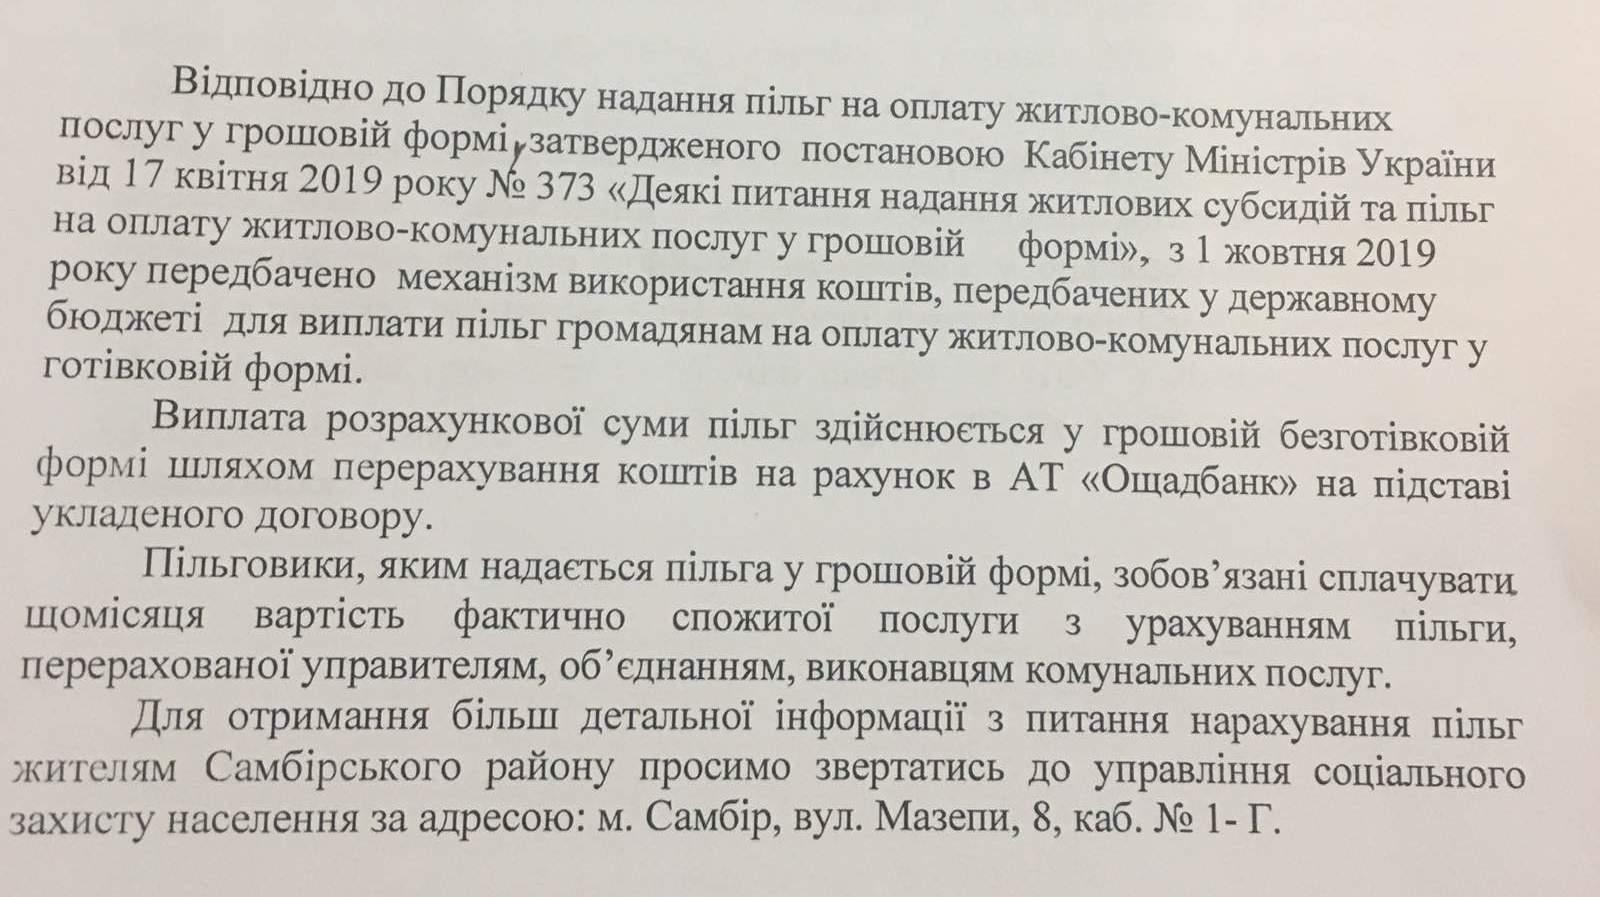 Novokalynivske VUZhKH sotszakhyst Sambirskoi RDA monetyzatsiia pilh 1